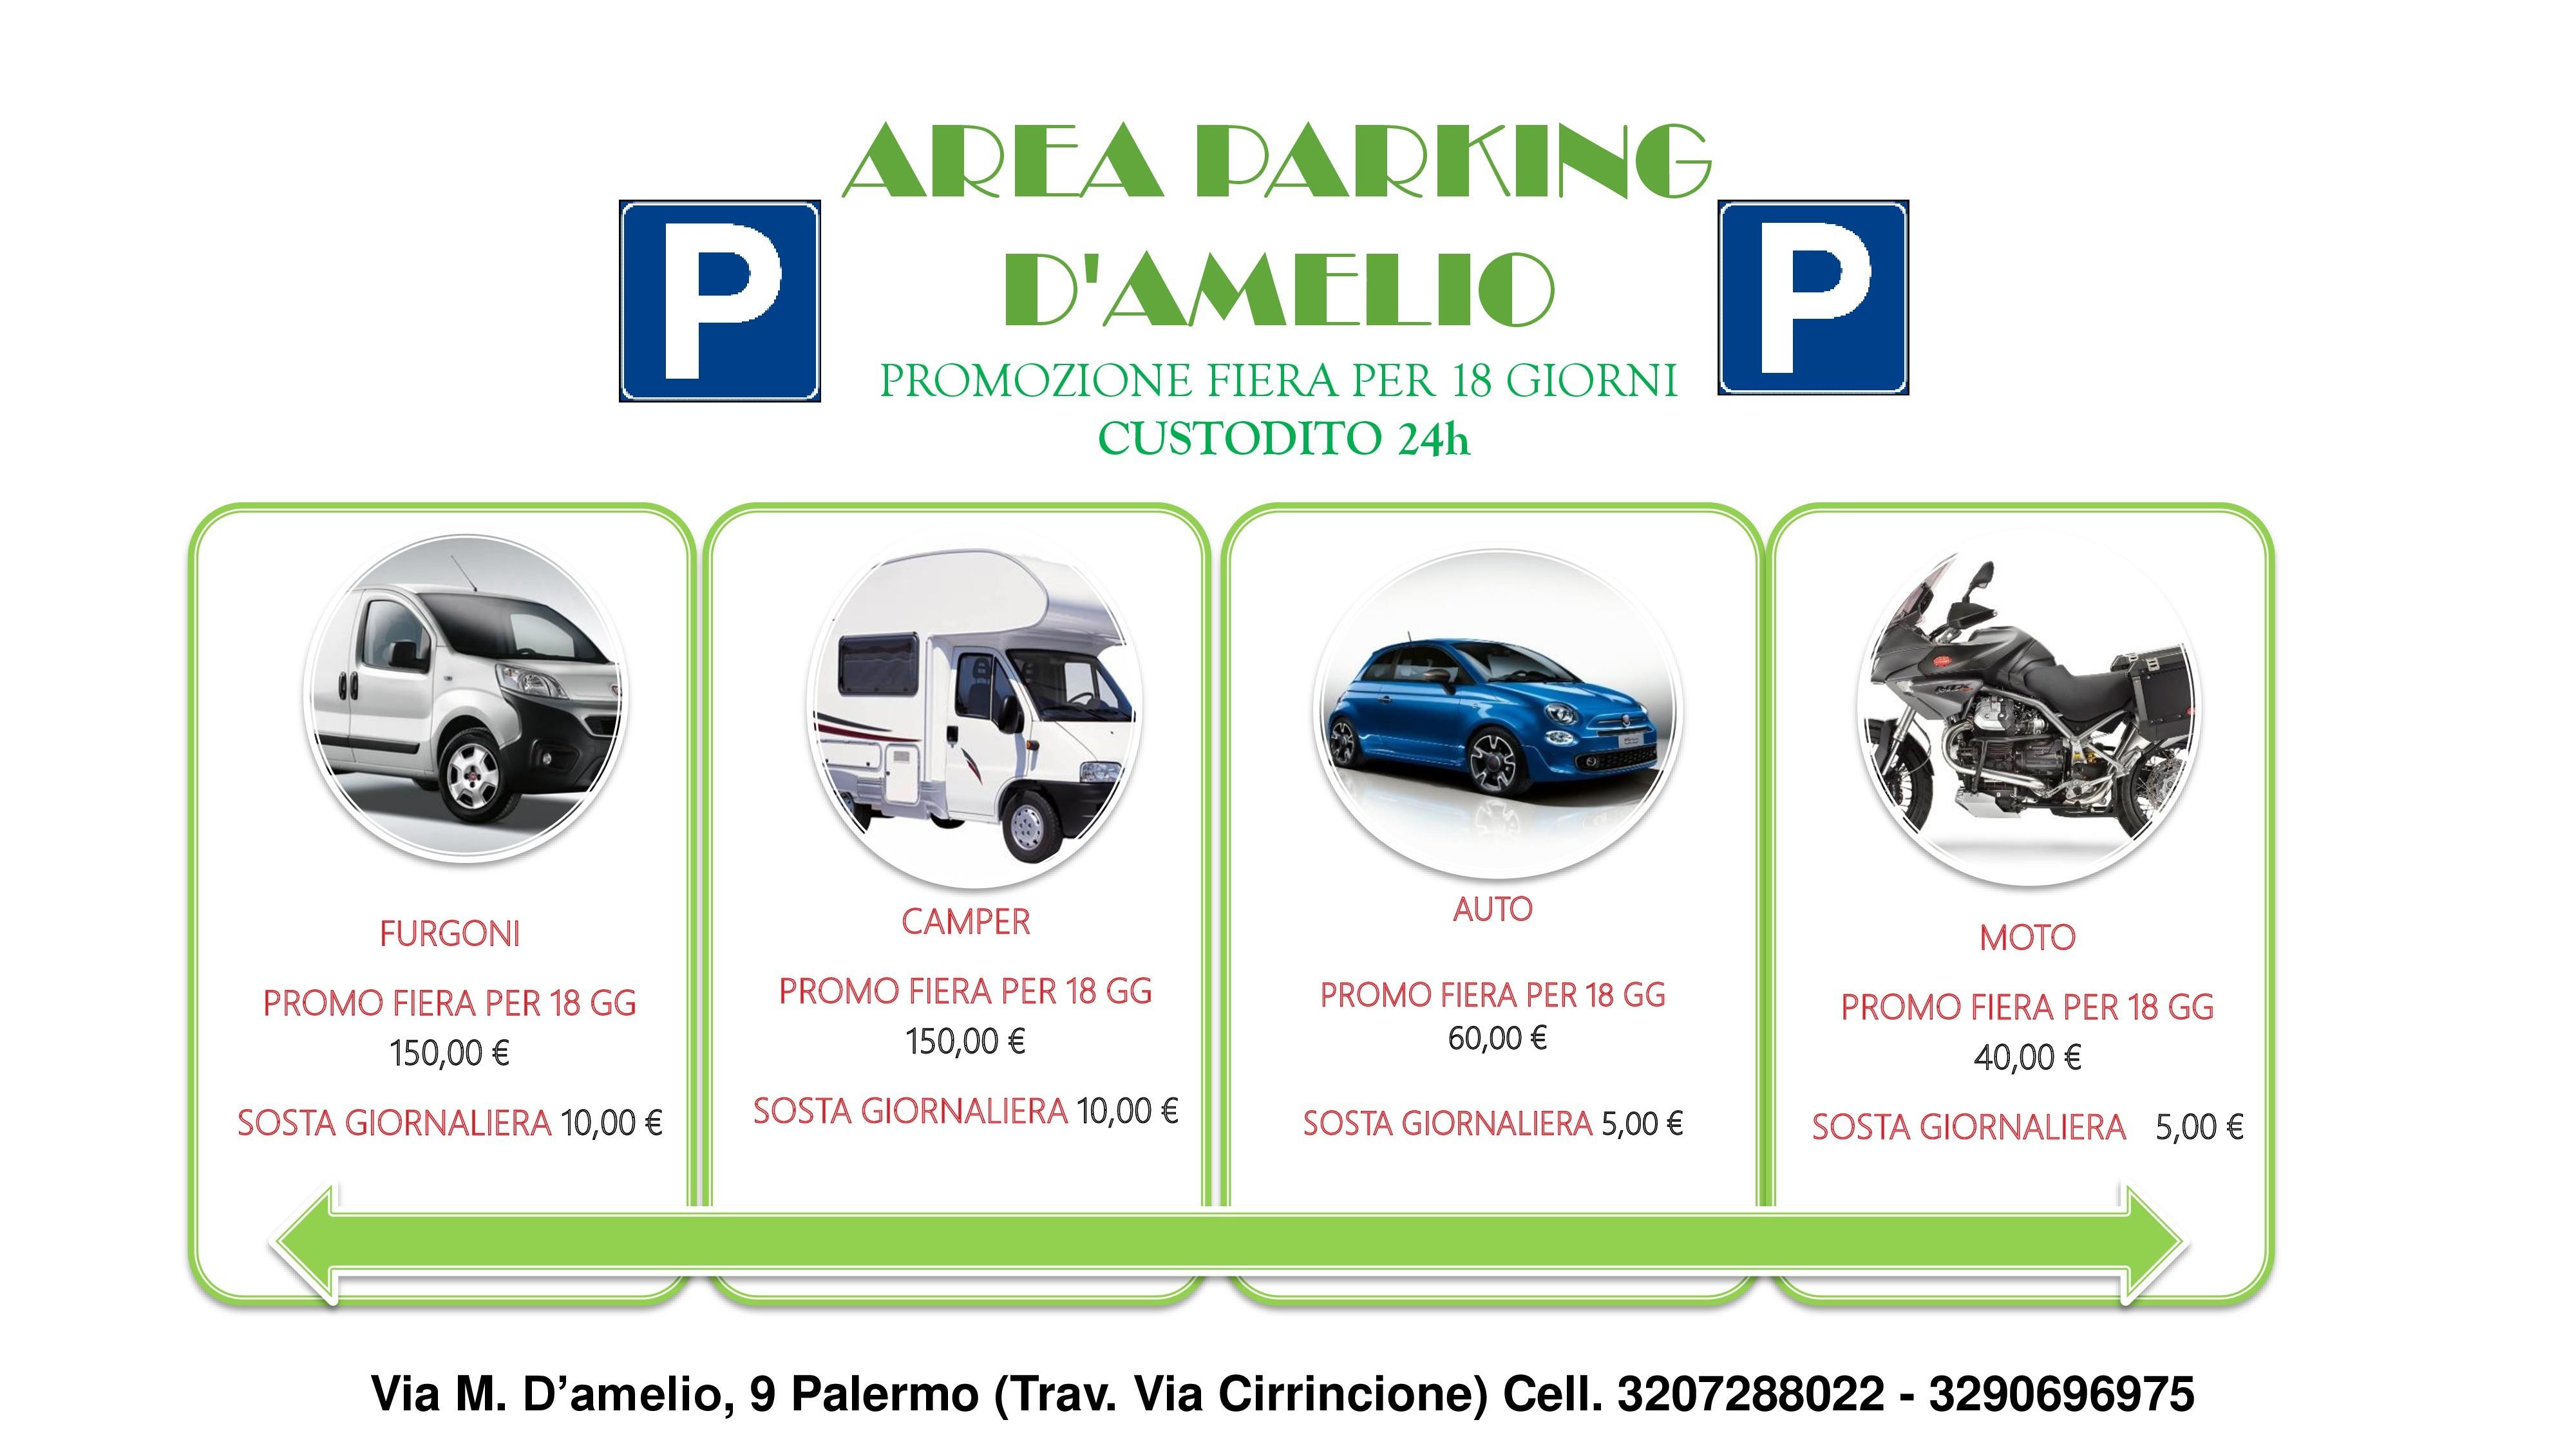 Calendario 2019 Rimini Fiera Más Recientes Fiera Campionaria Del Mediterraneo 2018 A Palermo Medifiere Of Calendario 2019 Rimini Fiera Más Reciente Home